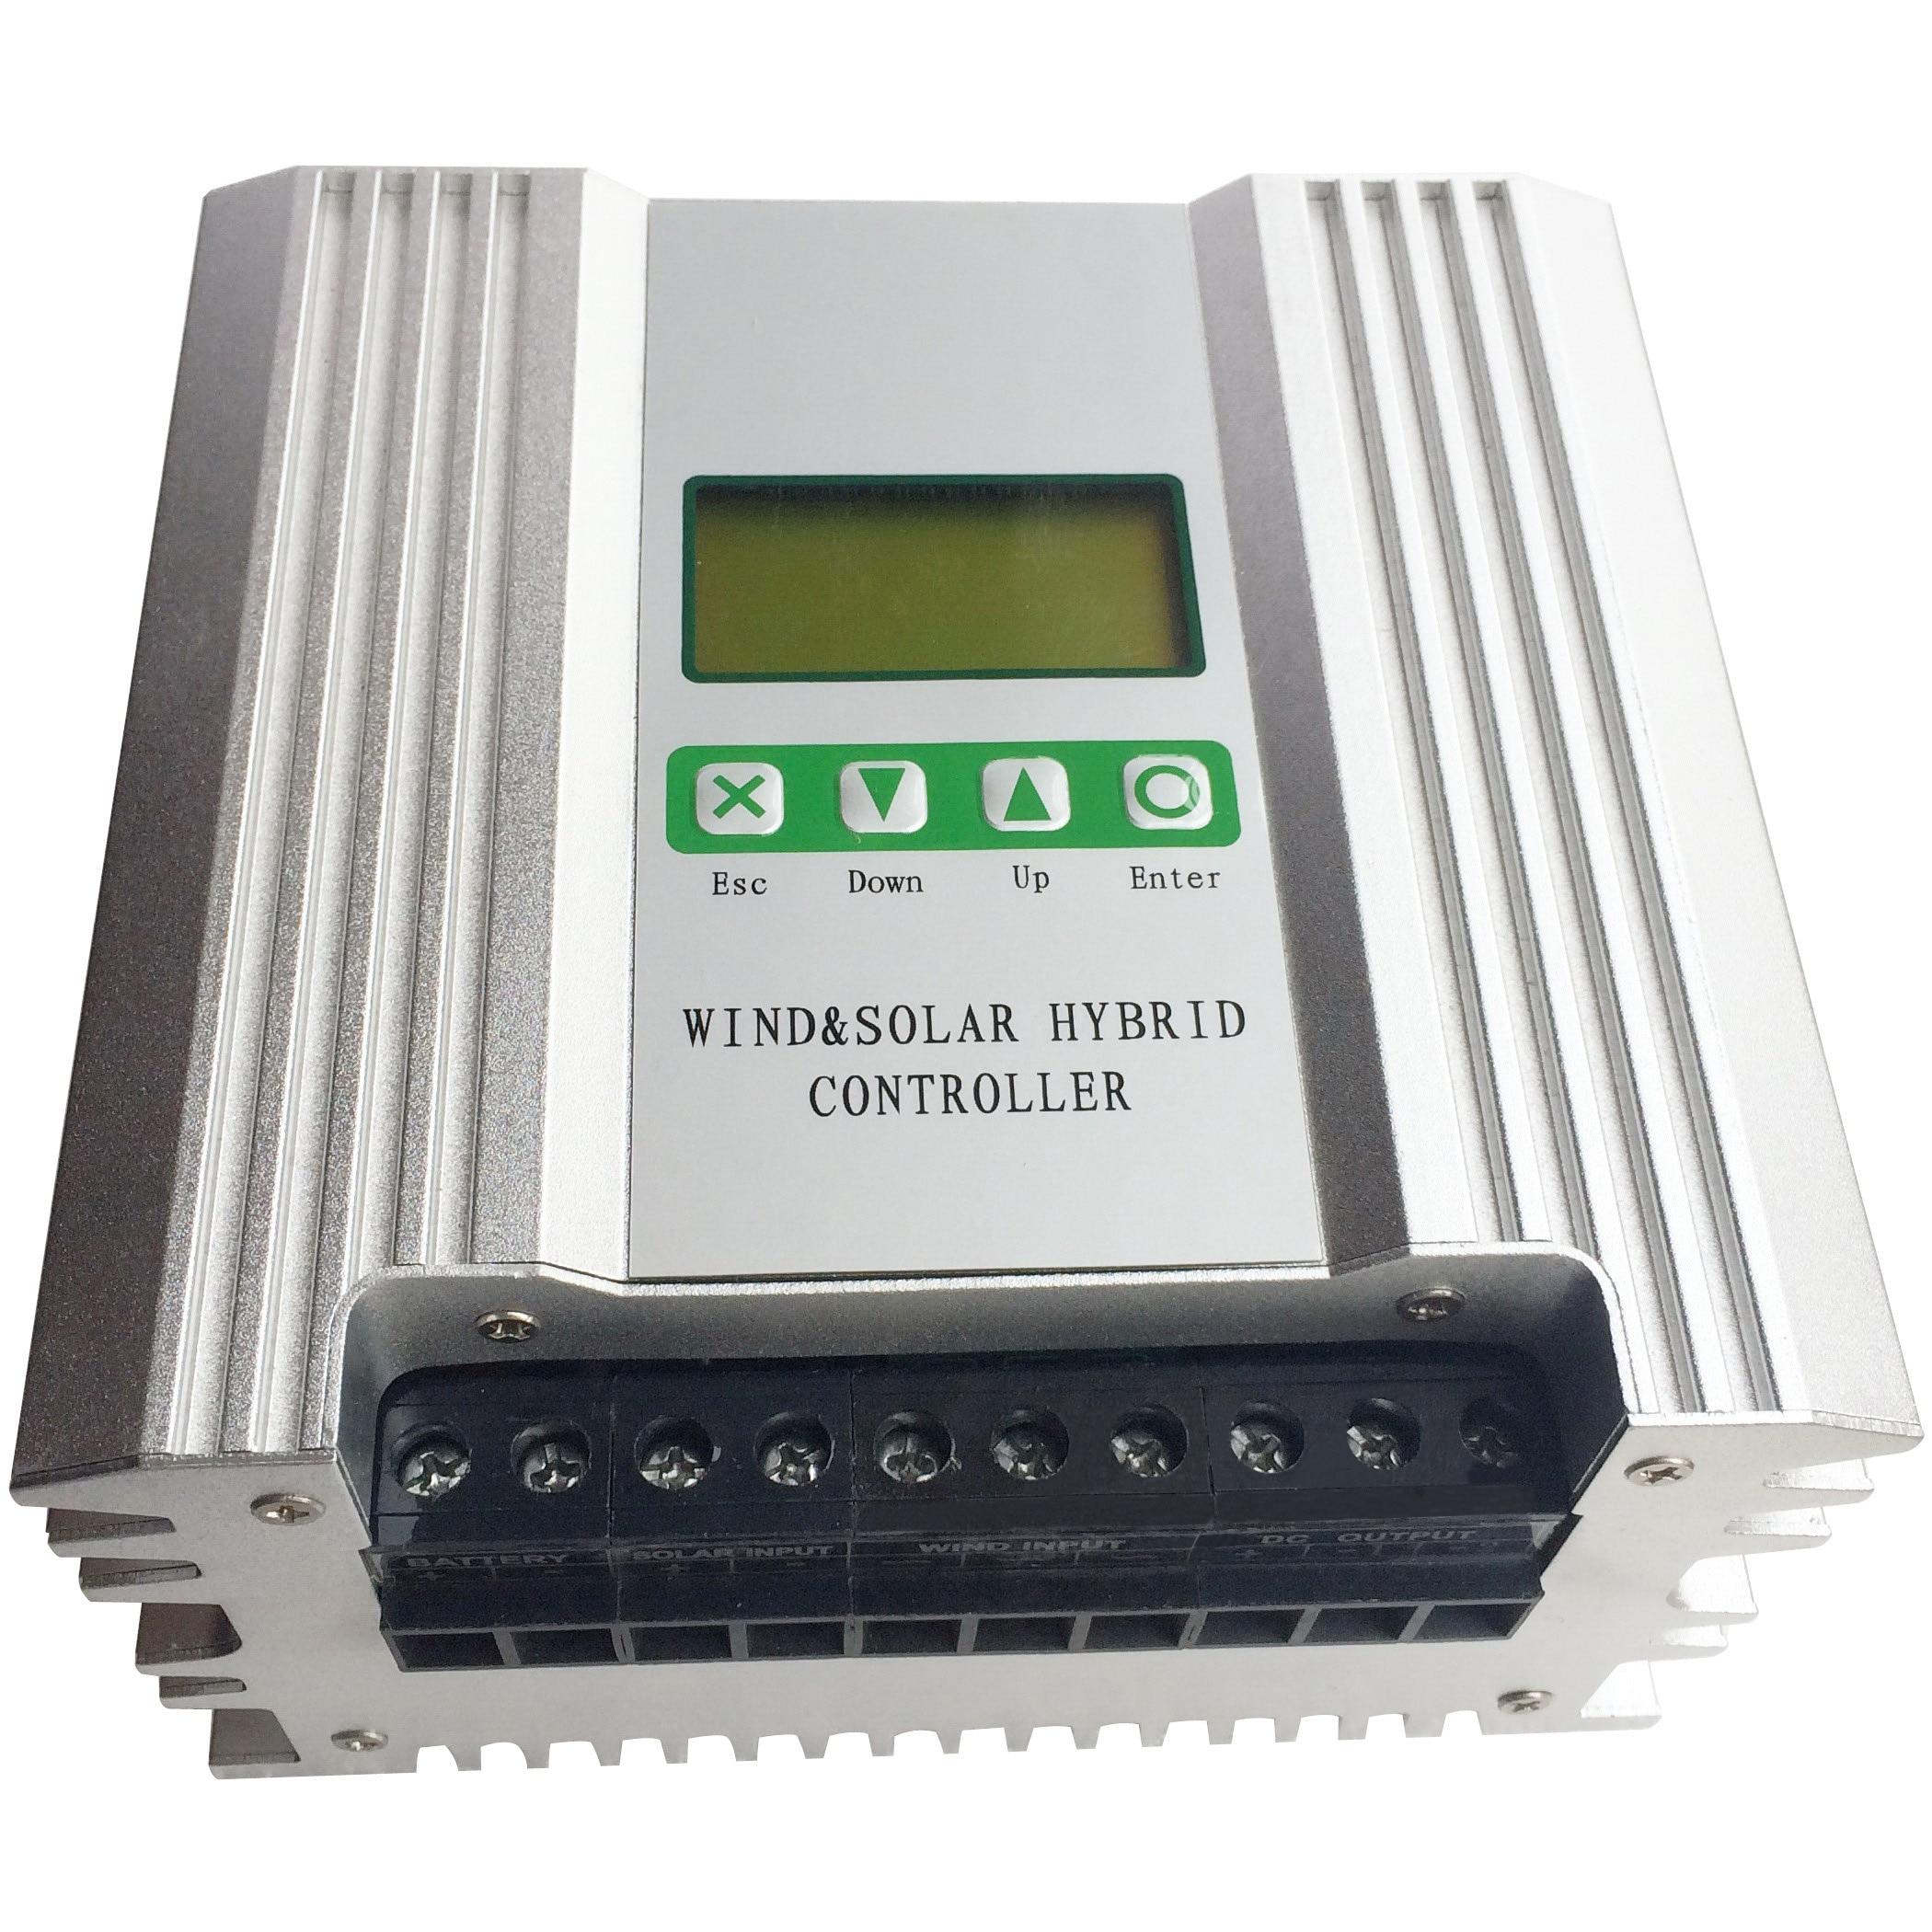 Régulateur hybride solaire de batterie du contrôleur 24V de vent de 2000W Boost MPPT pour les panneaux solaires 1000W et le générateur 1000W d'éolienne